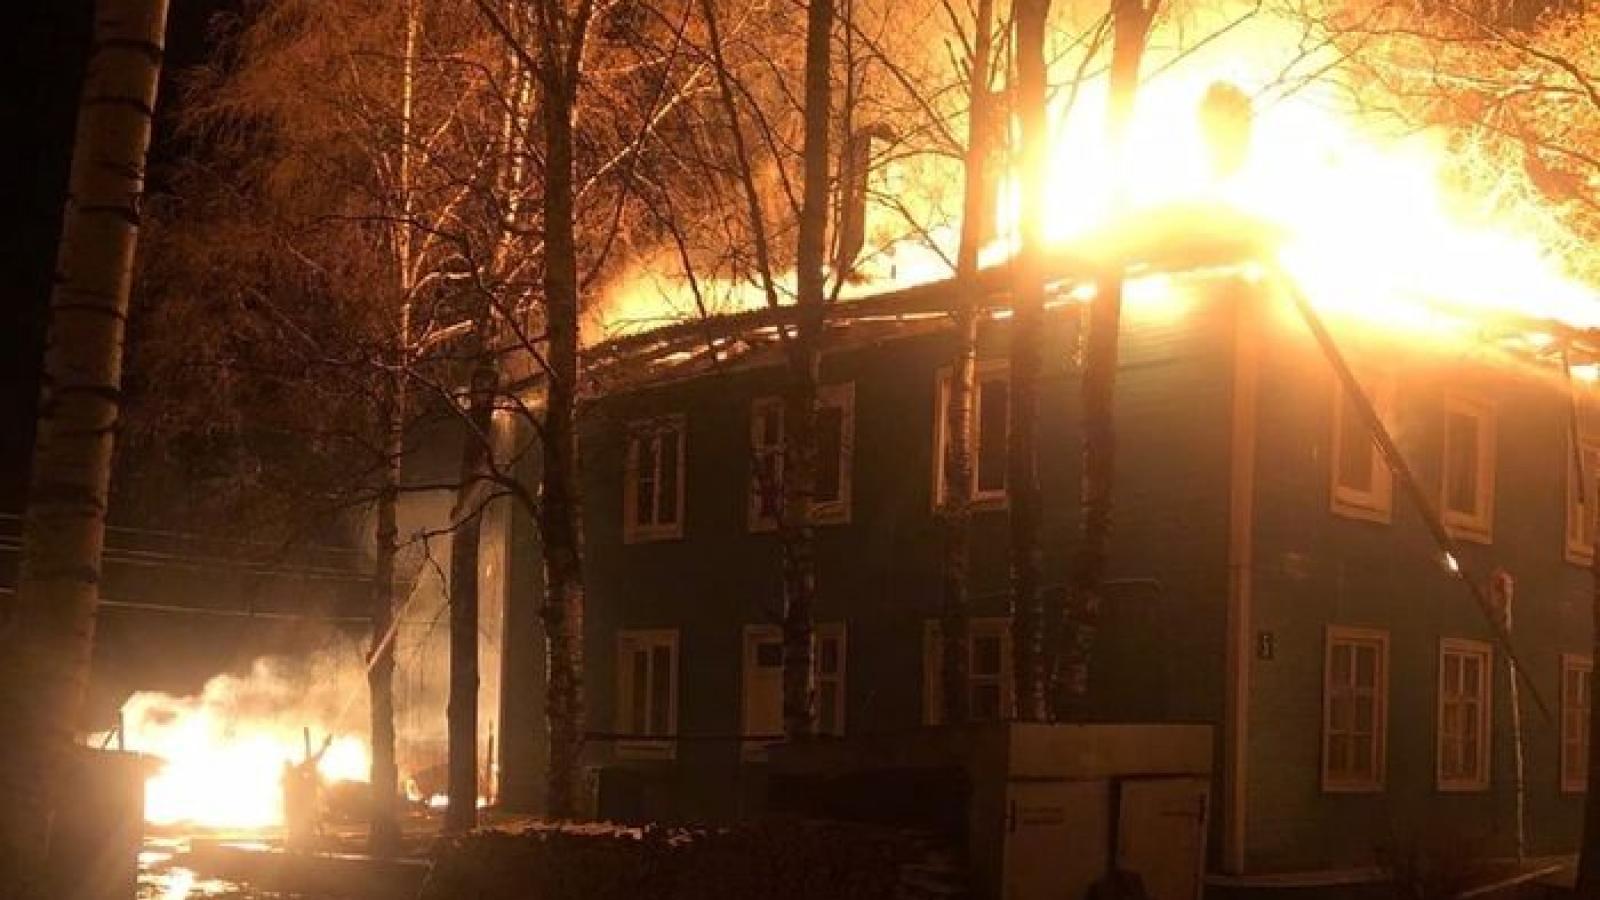 Дом с людьми подожгли под Великим Устюгом